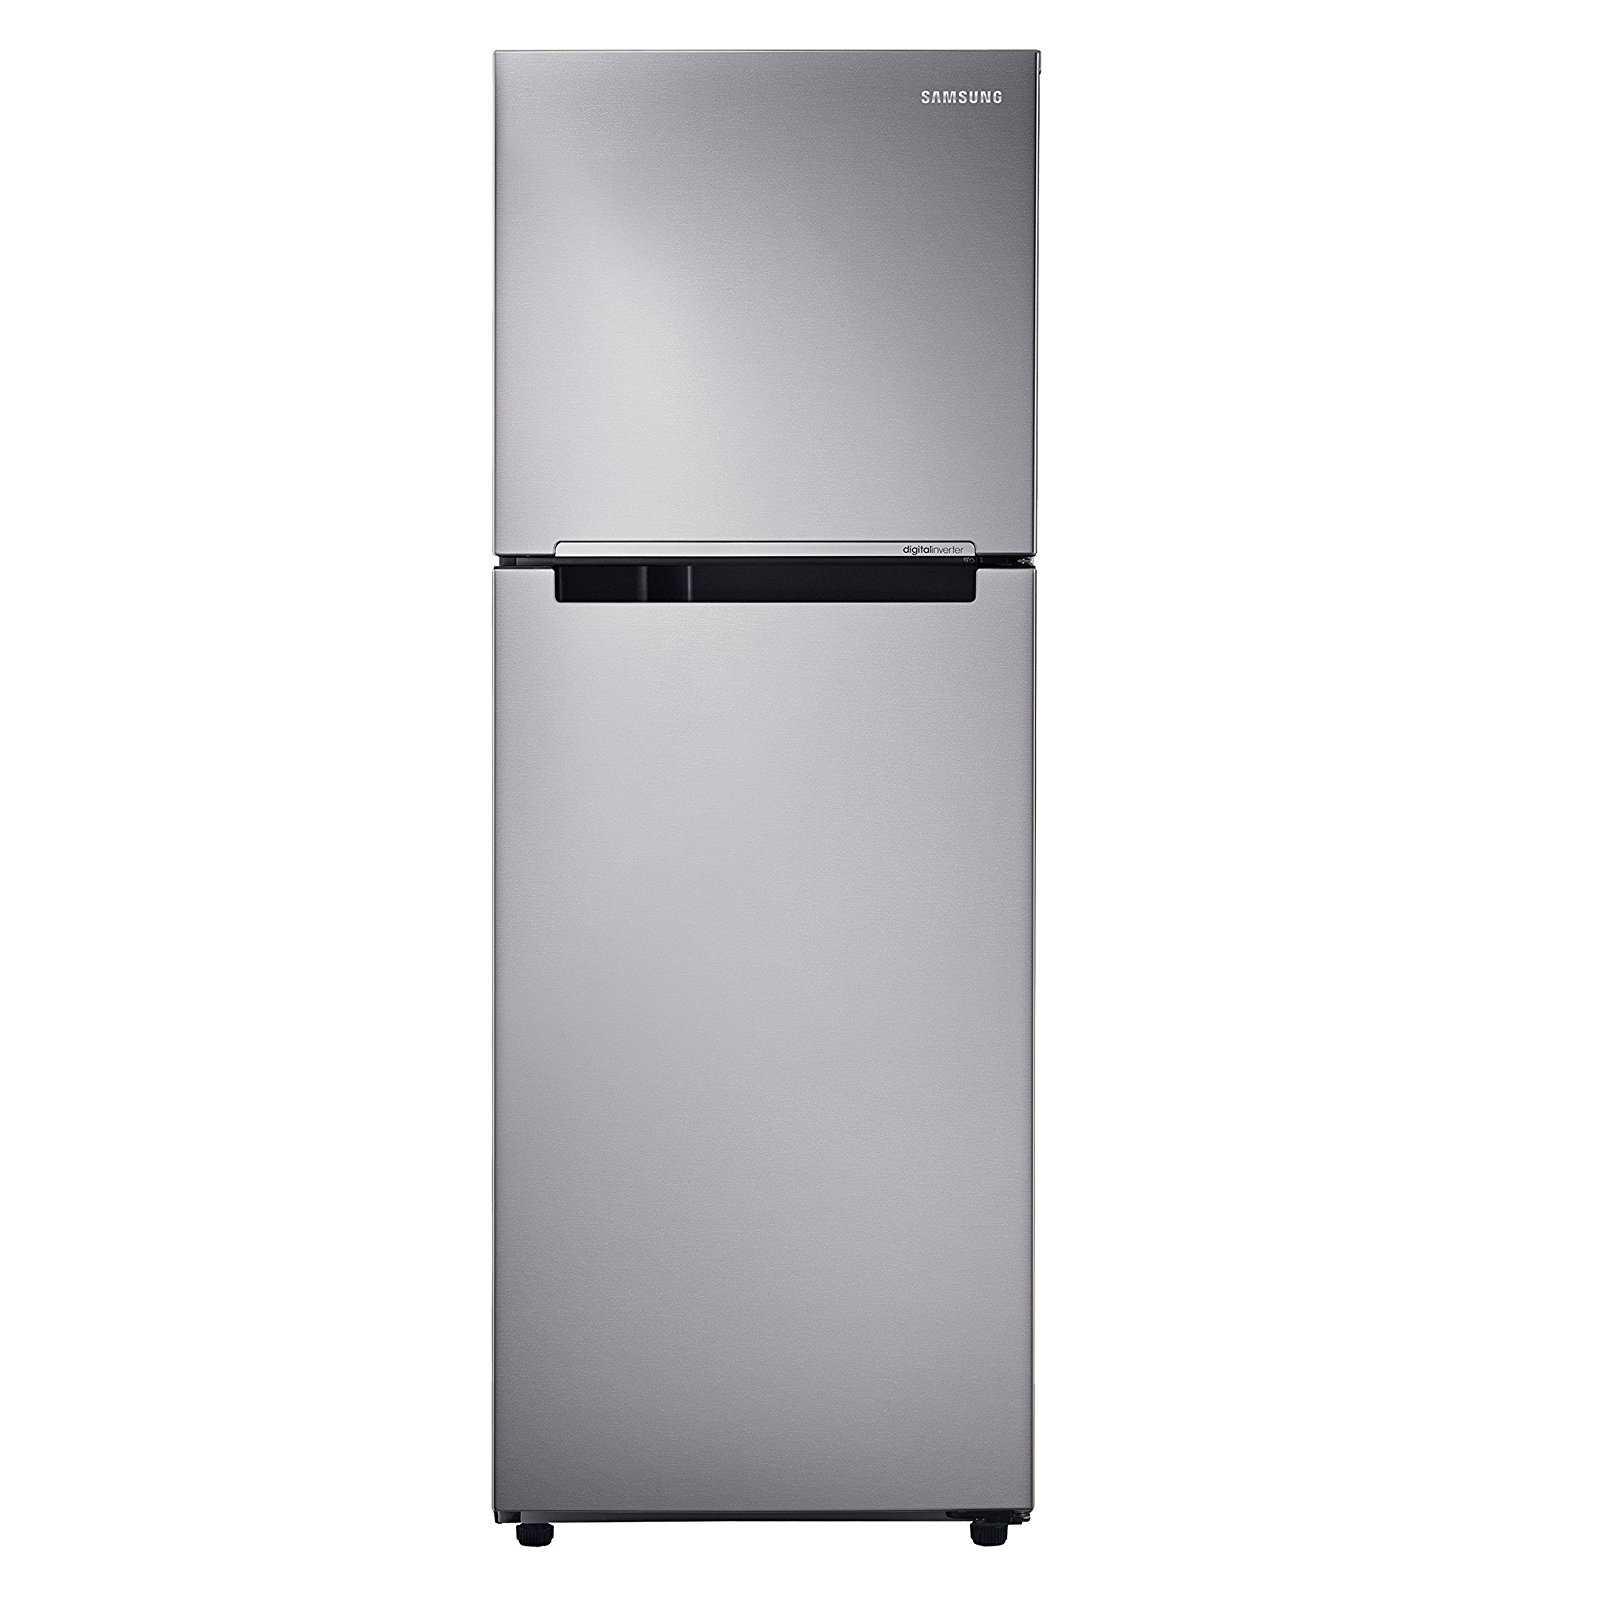 Samsung RT28K3082S8 Double Door 251 Litre Frost Free Refrigerator